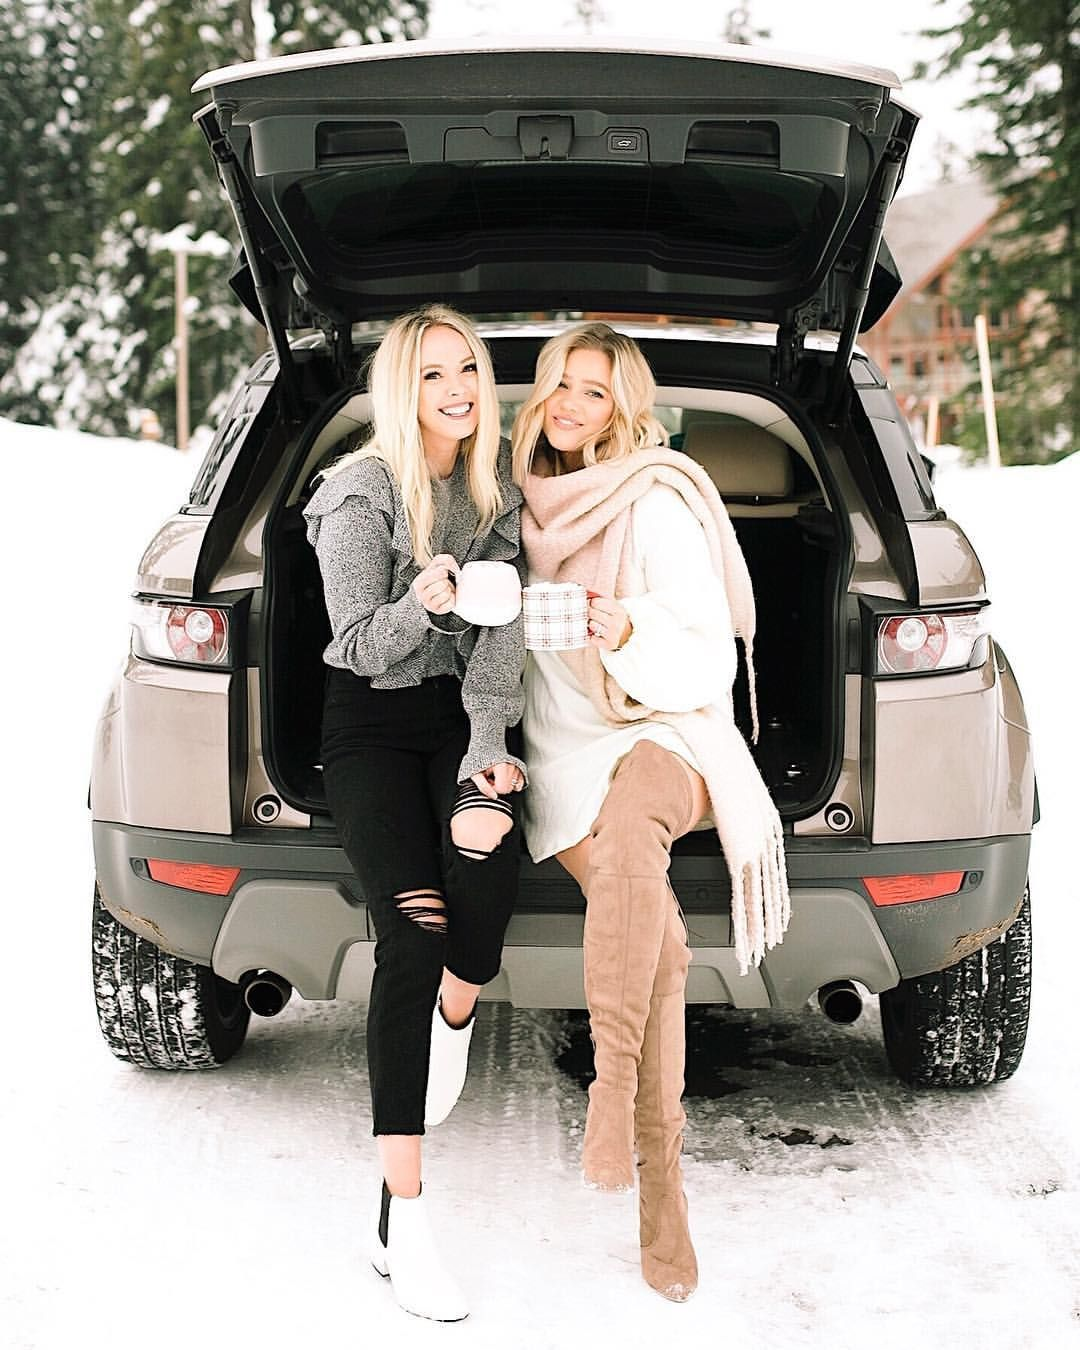 Winter style / winter fashion / best friends / snow day / Land Rover / Range Rover / evoque